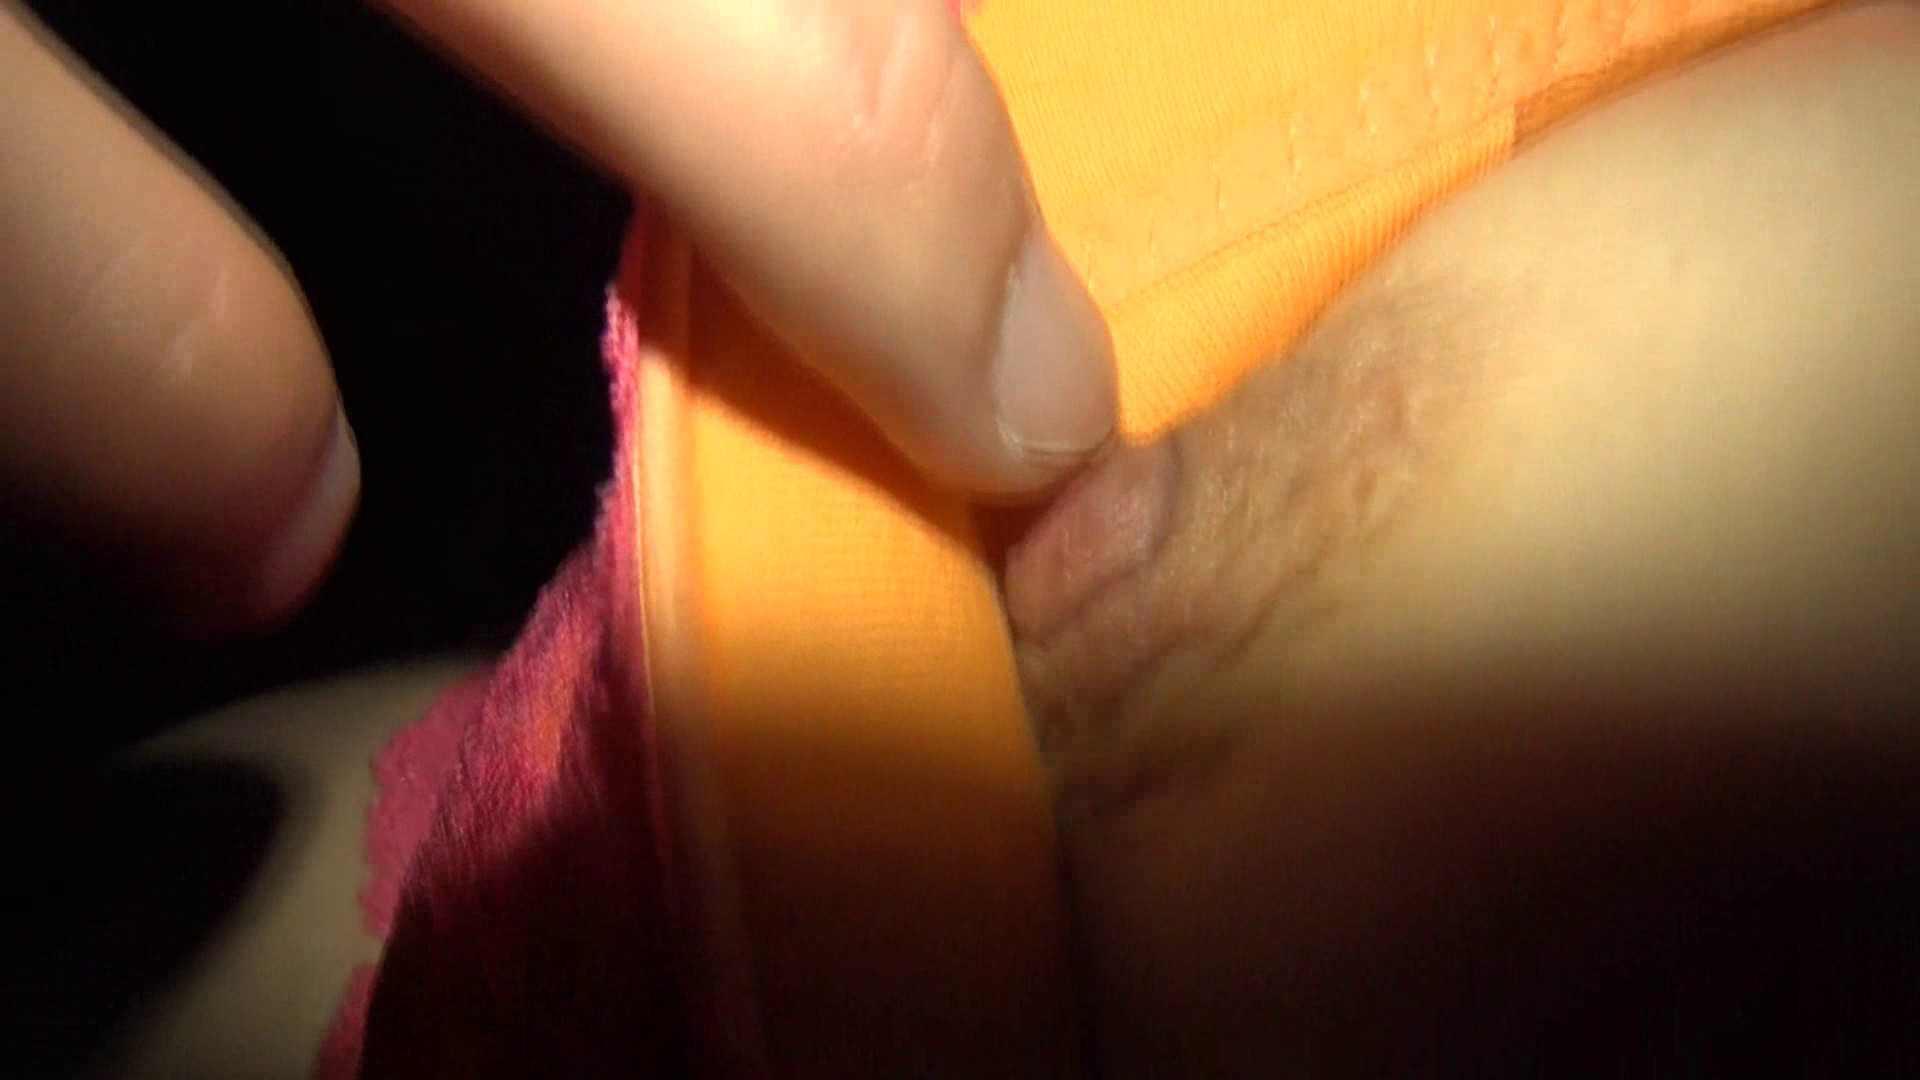 おしえてギャル子のH塾 Vol.10 前編 一般投稿 | ギャルのエロ動画  91pic 37